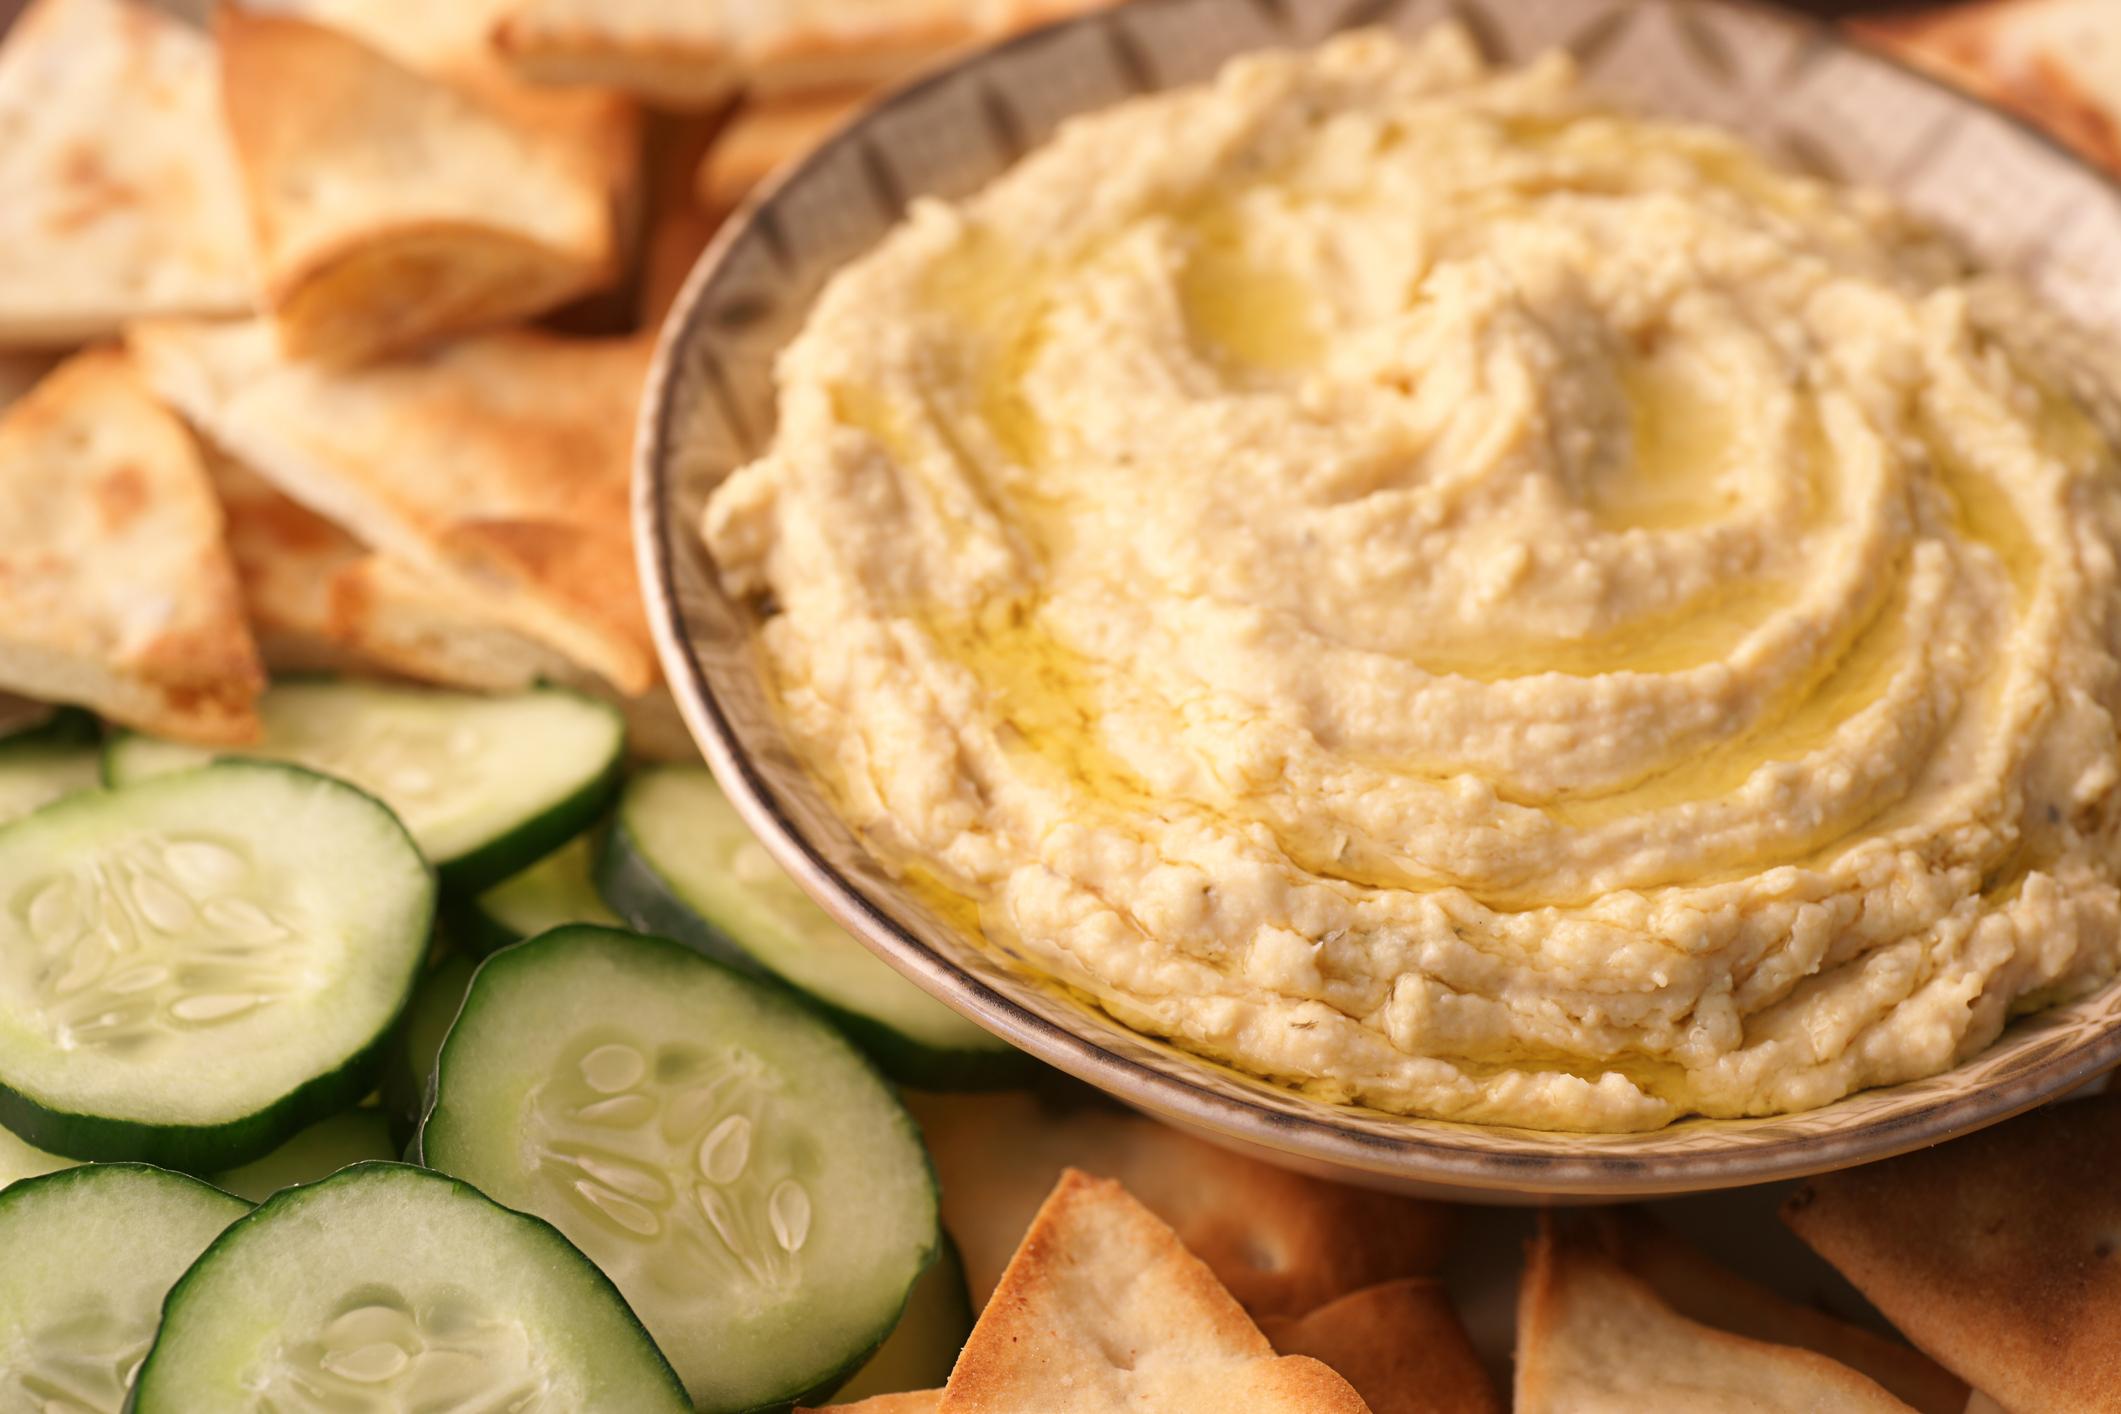 Лесен е за направа и консумация- хумусът може да се направи и консумира по много начини. Трябват ви само съставките и блендер!